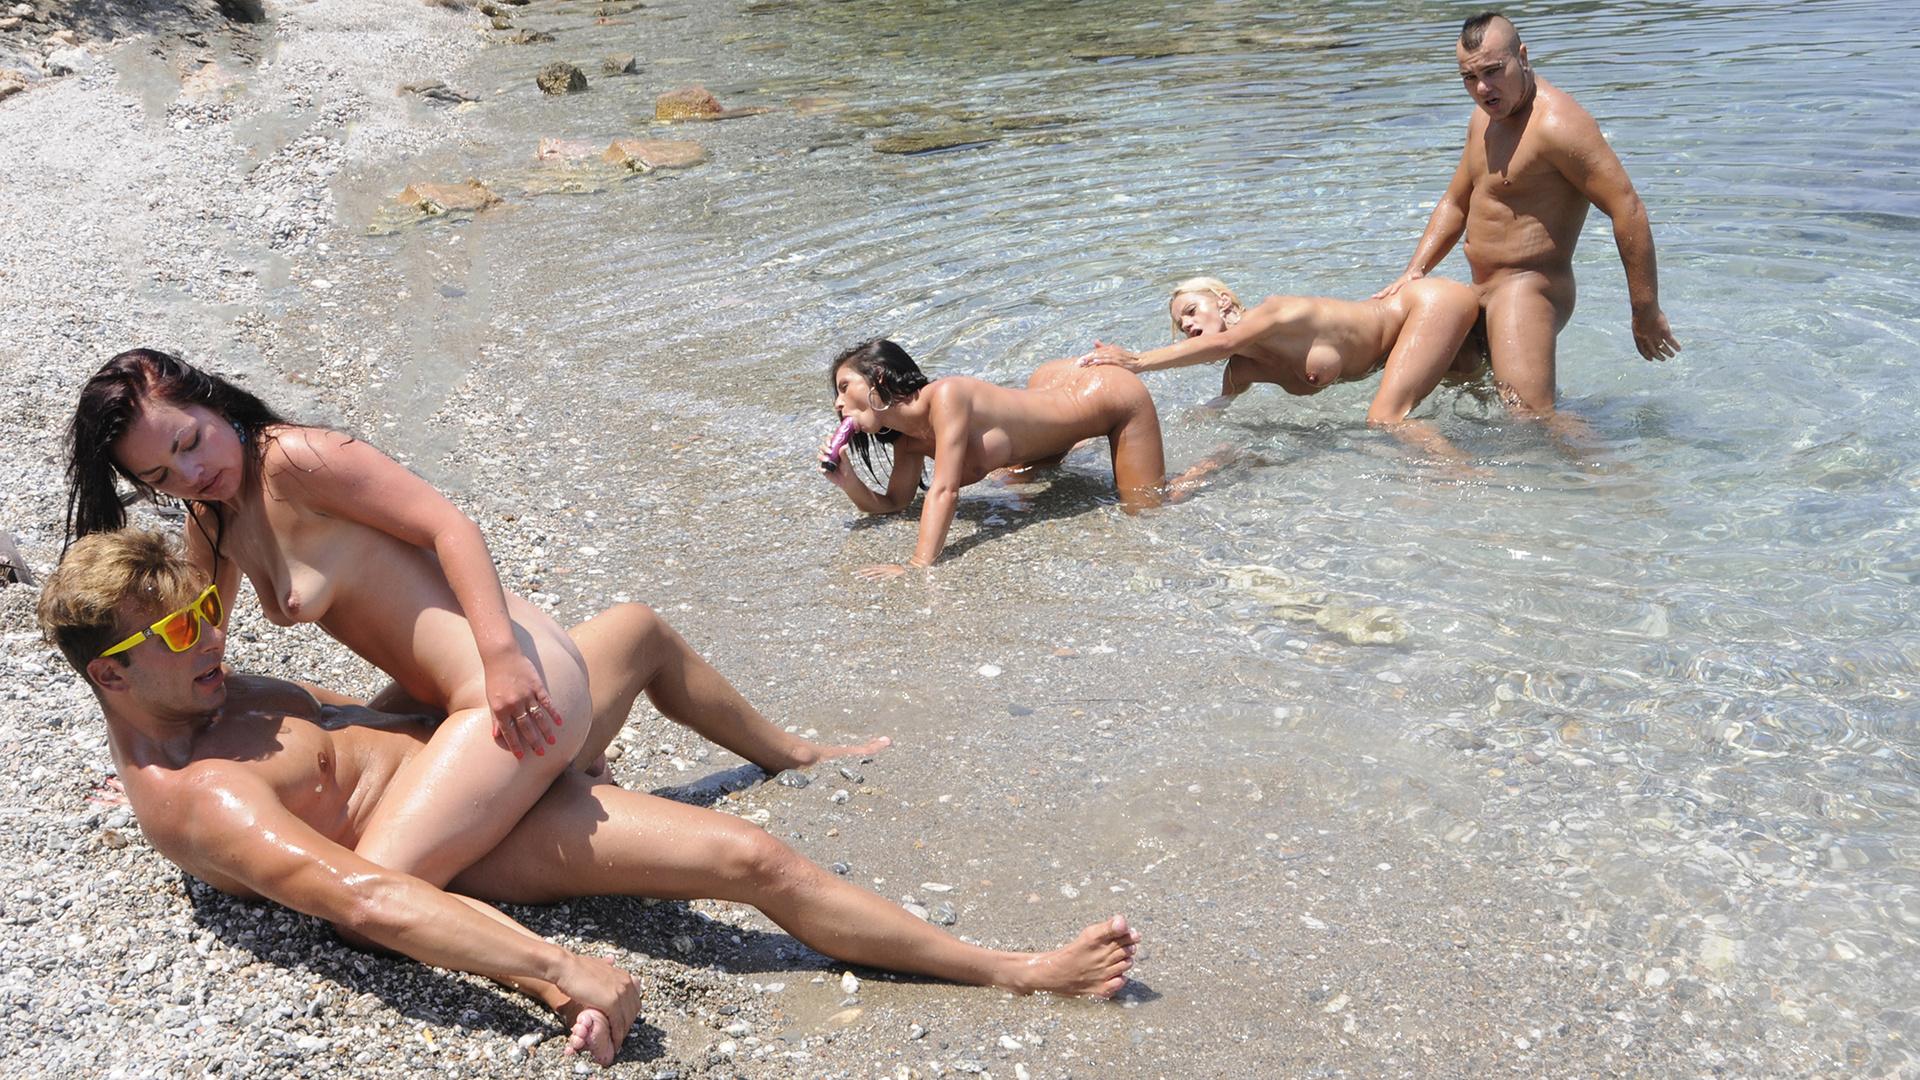 Sex orgy on the beach